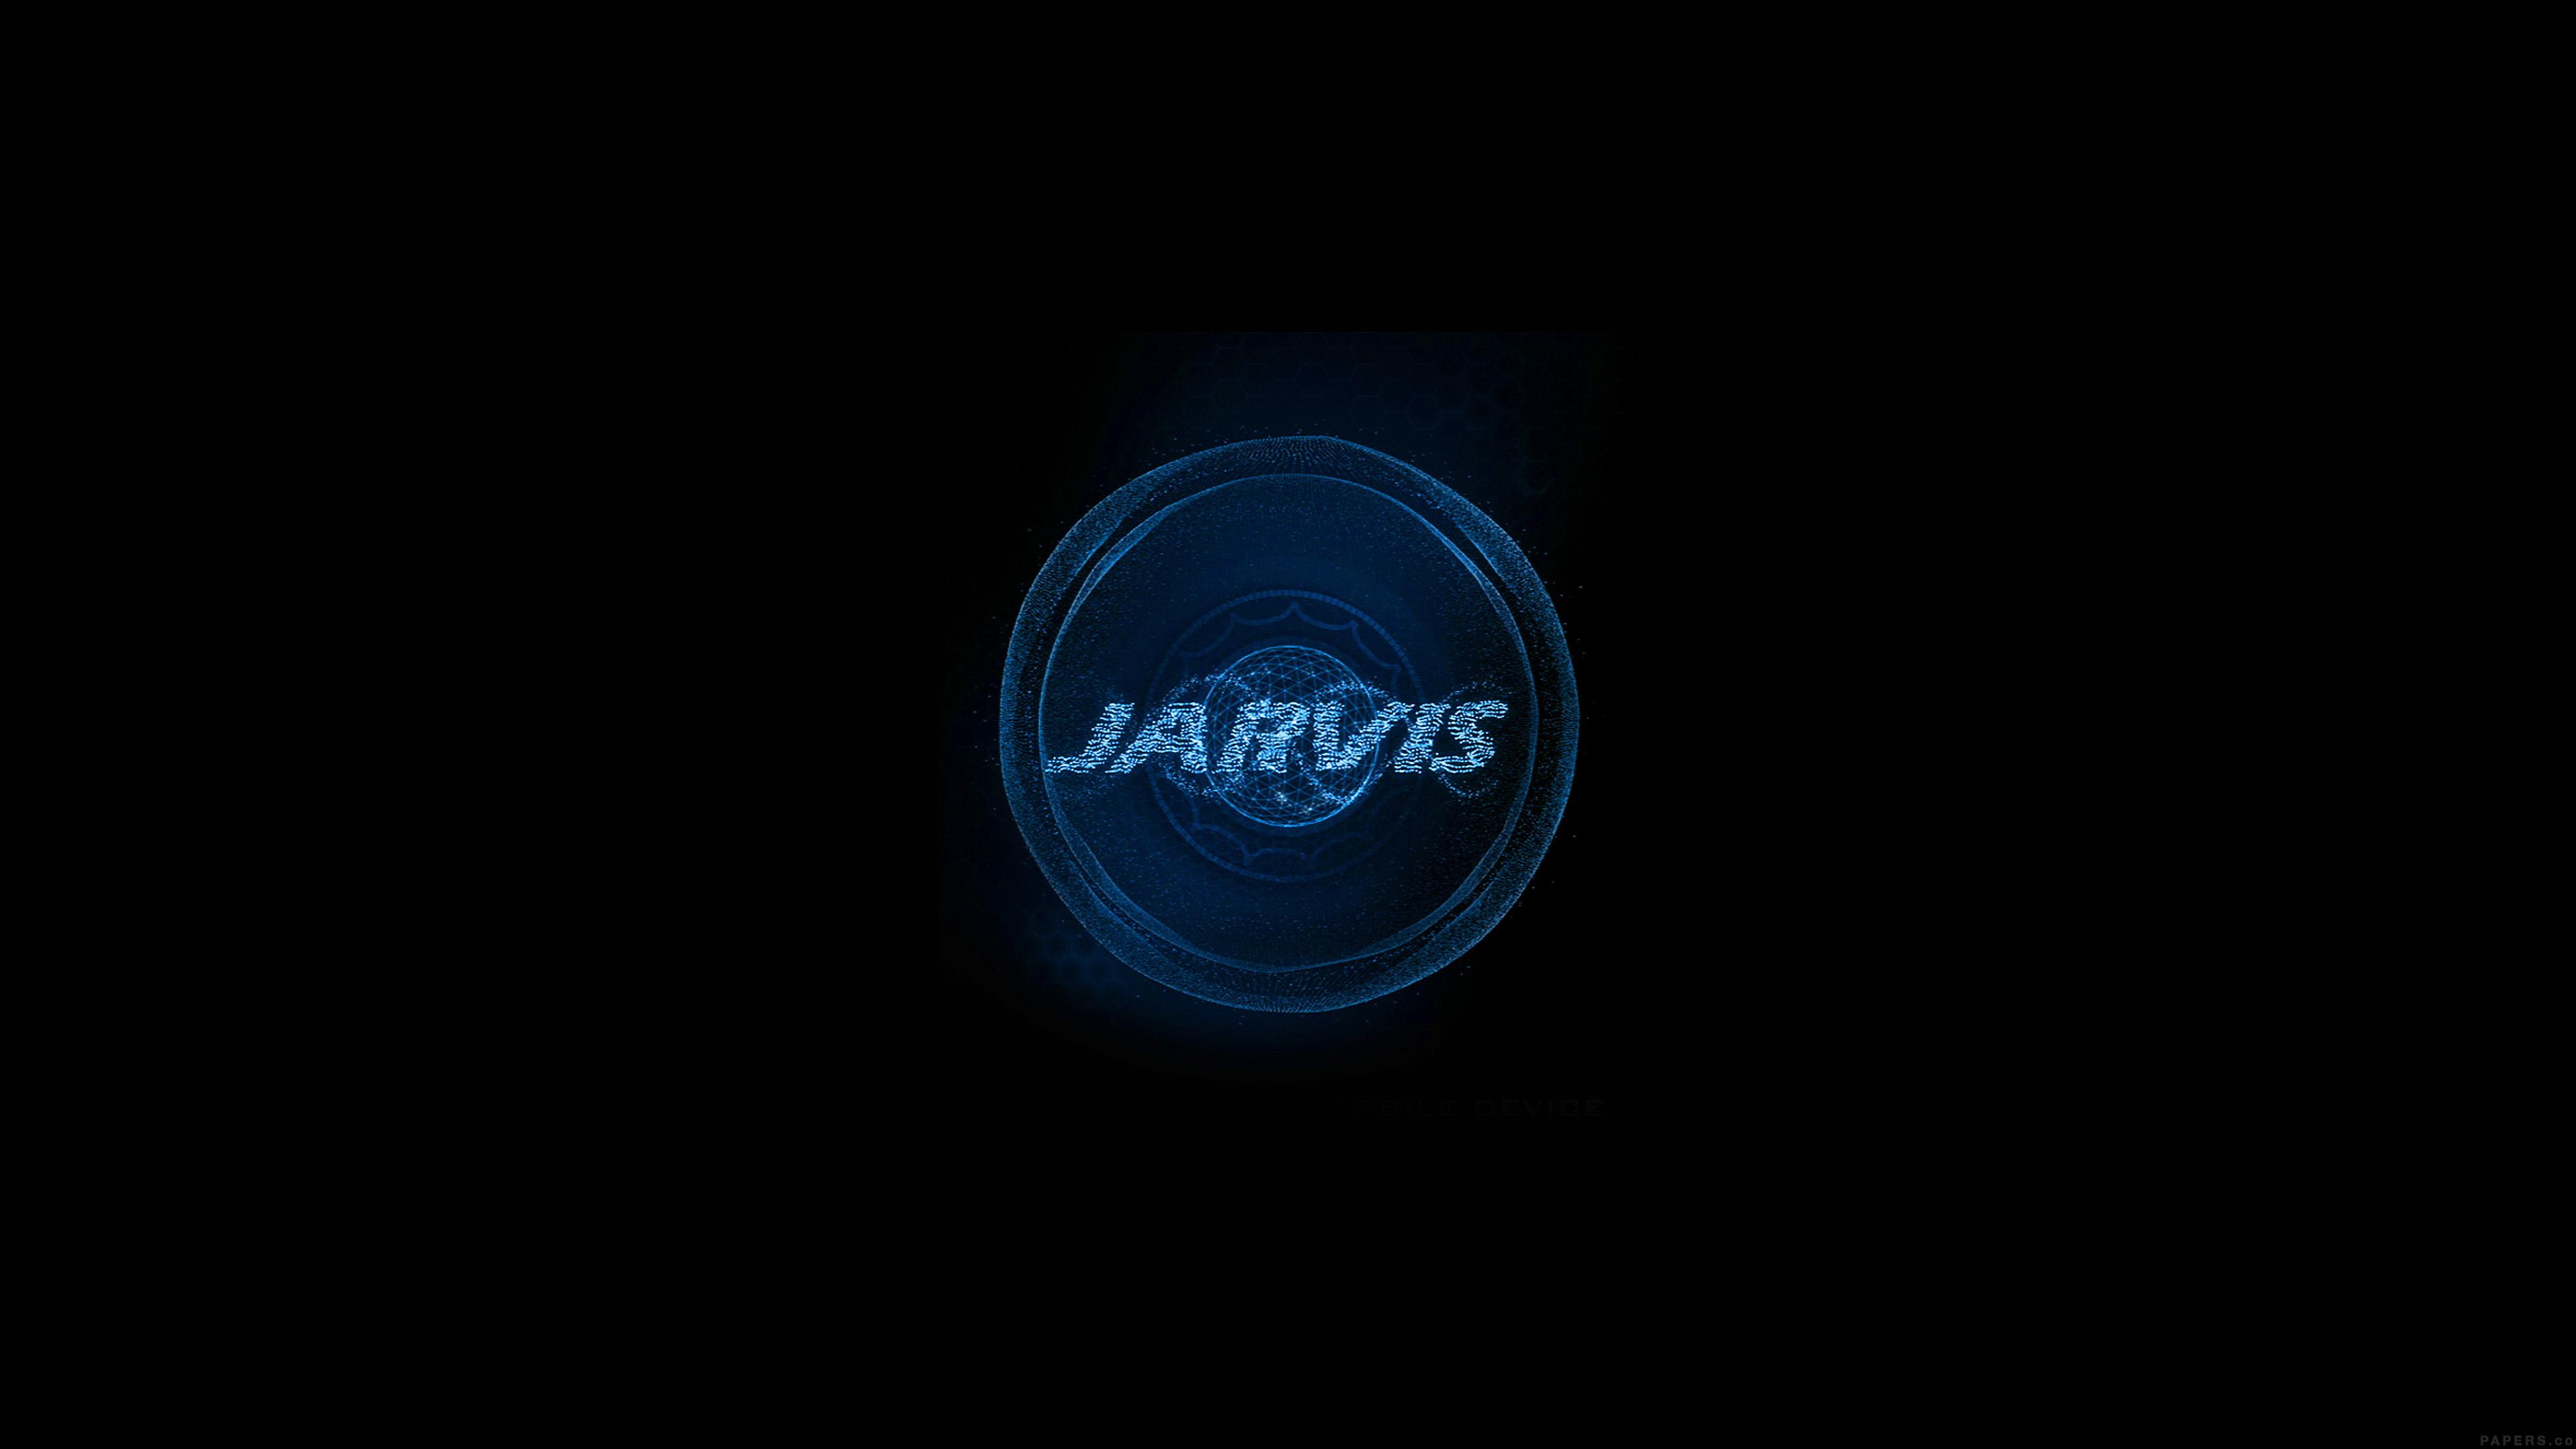 Windows 10 Wallpapers Hd Fall Al49 Jarvis Ironman Art Minimal Blue Wallpaper